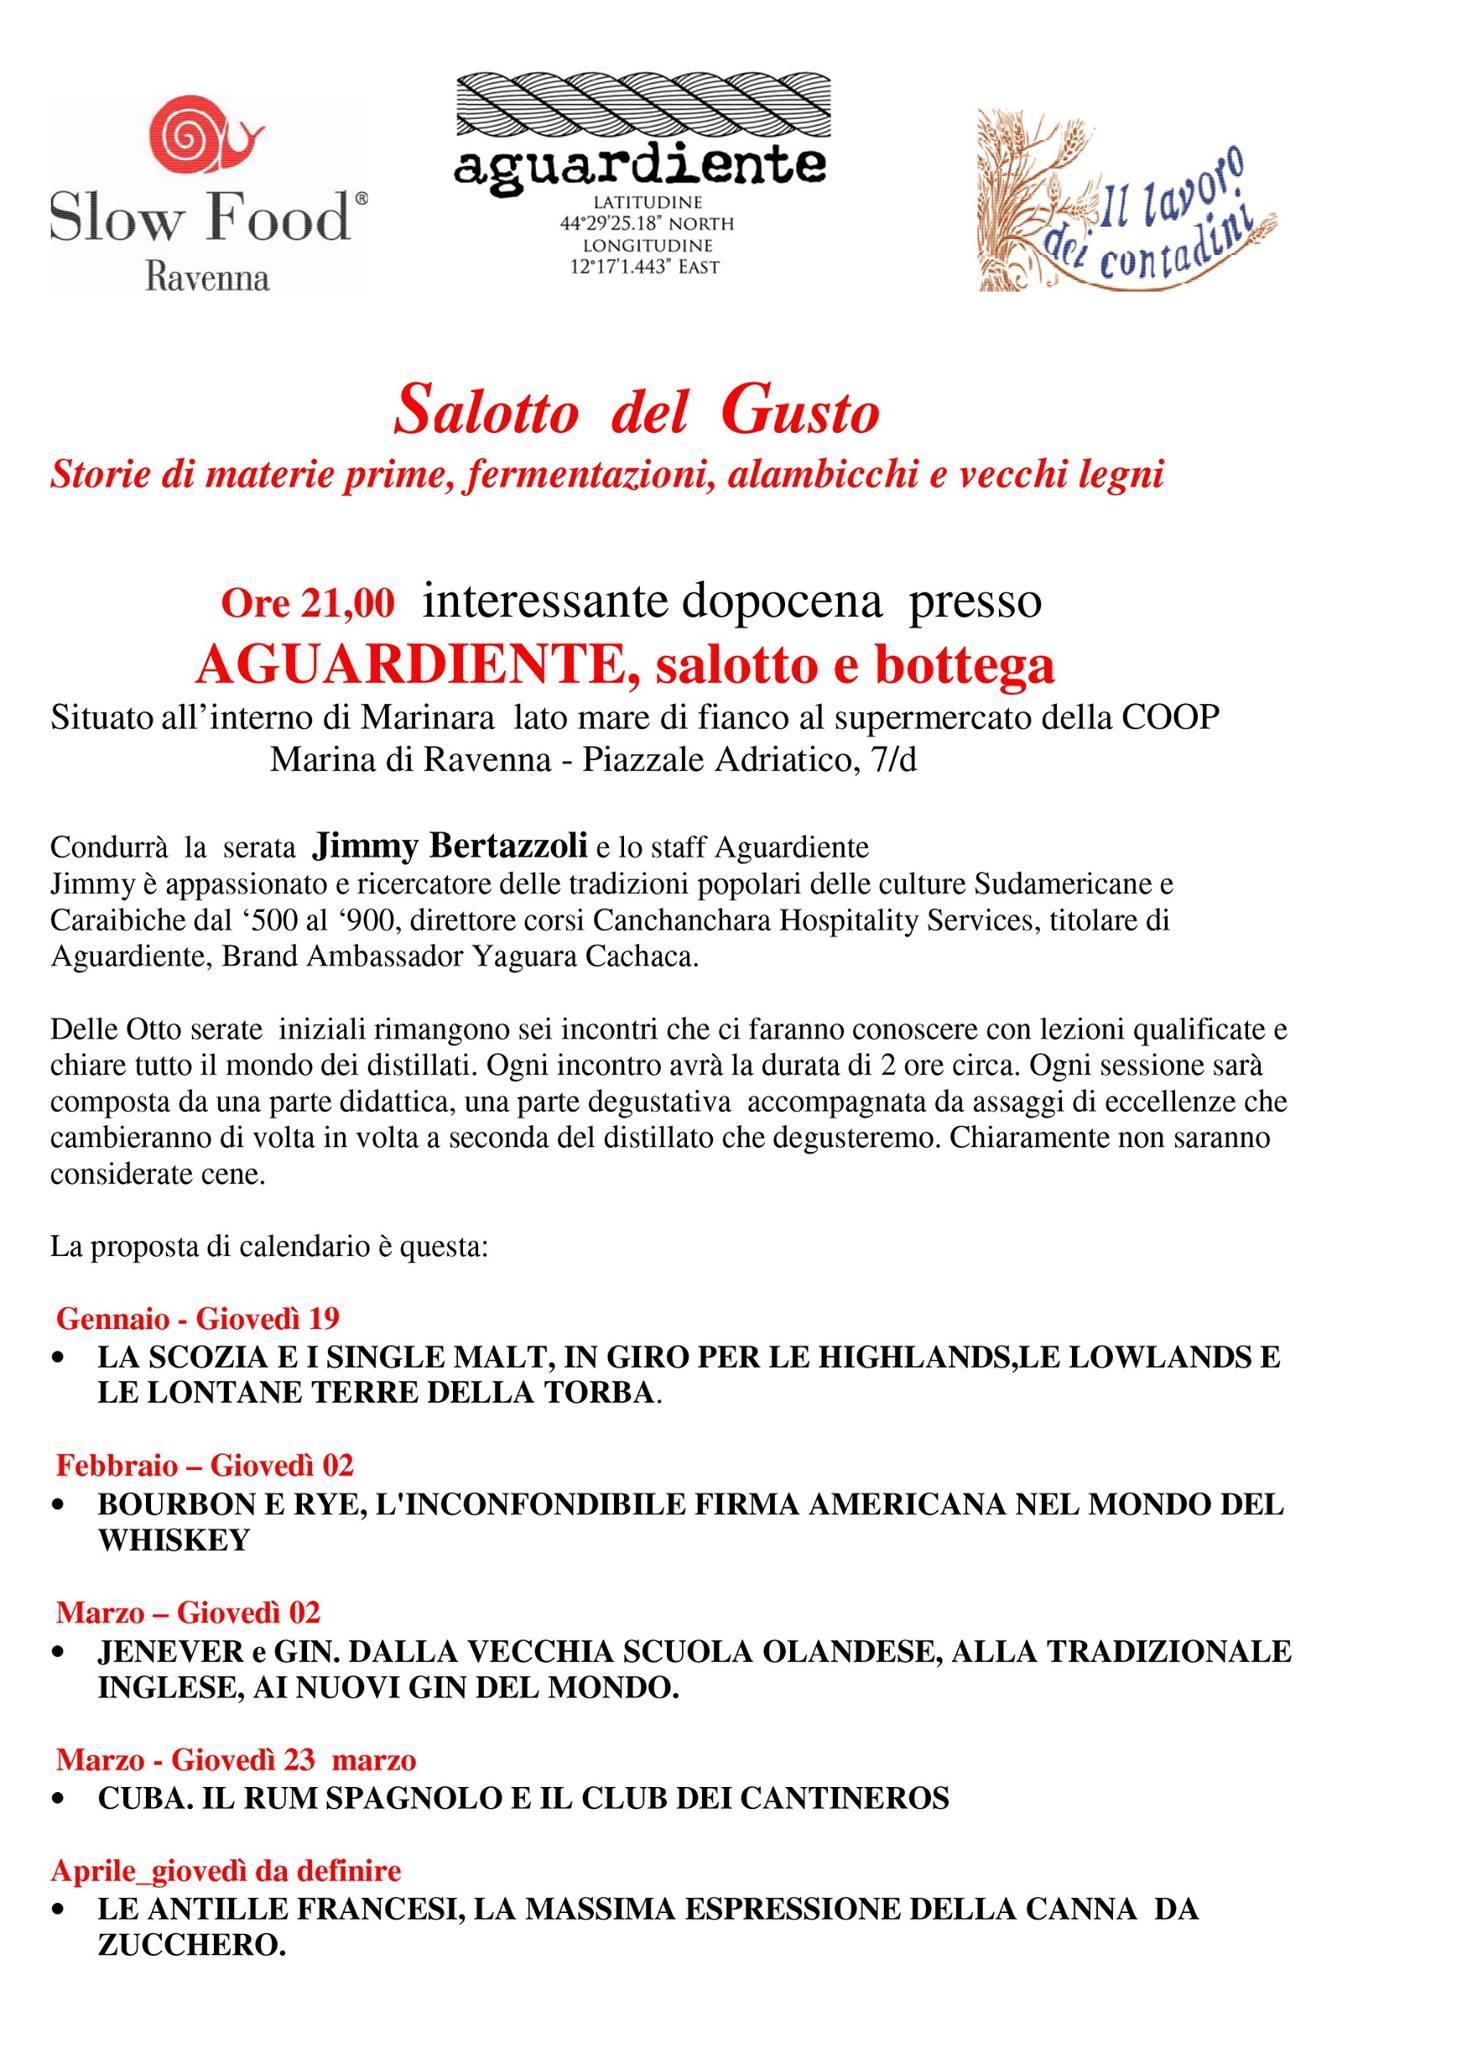 Slow Food Ravenna : idee per il dopocena